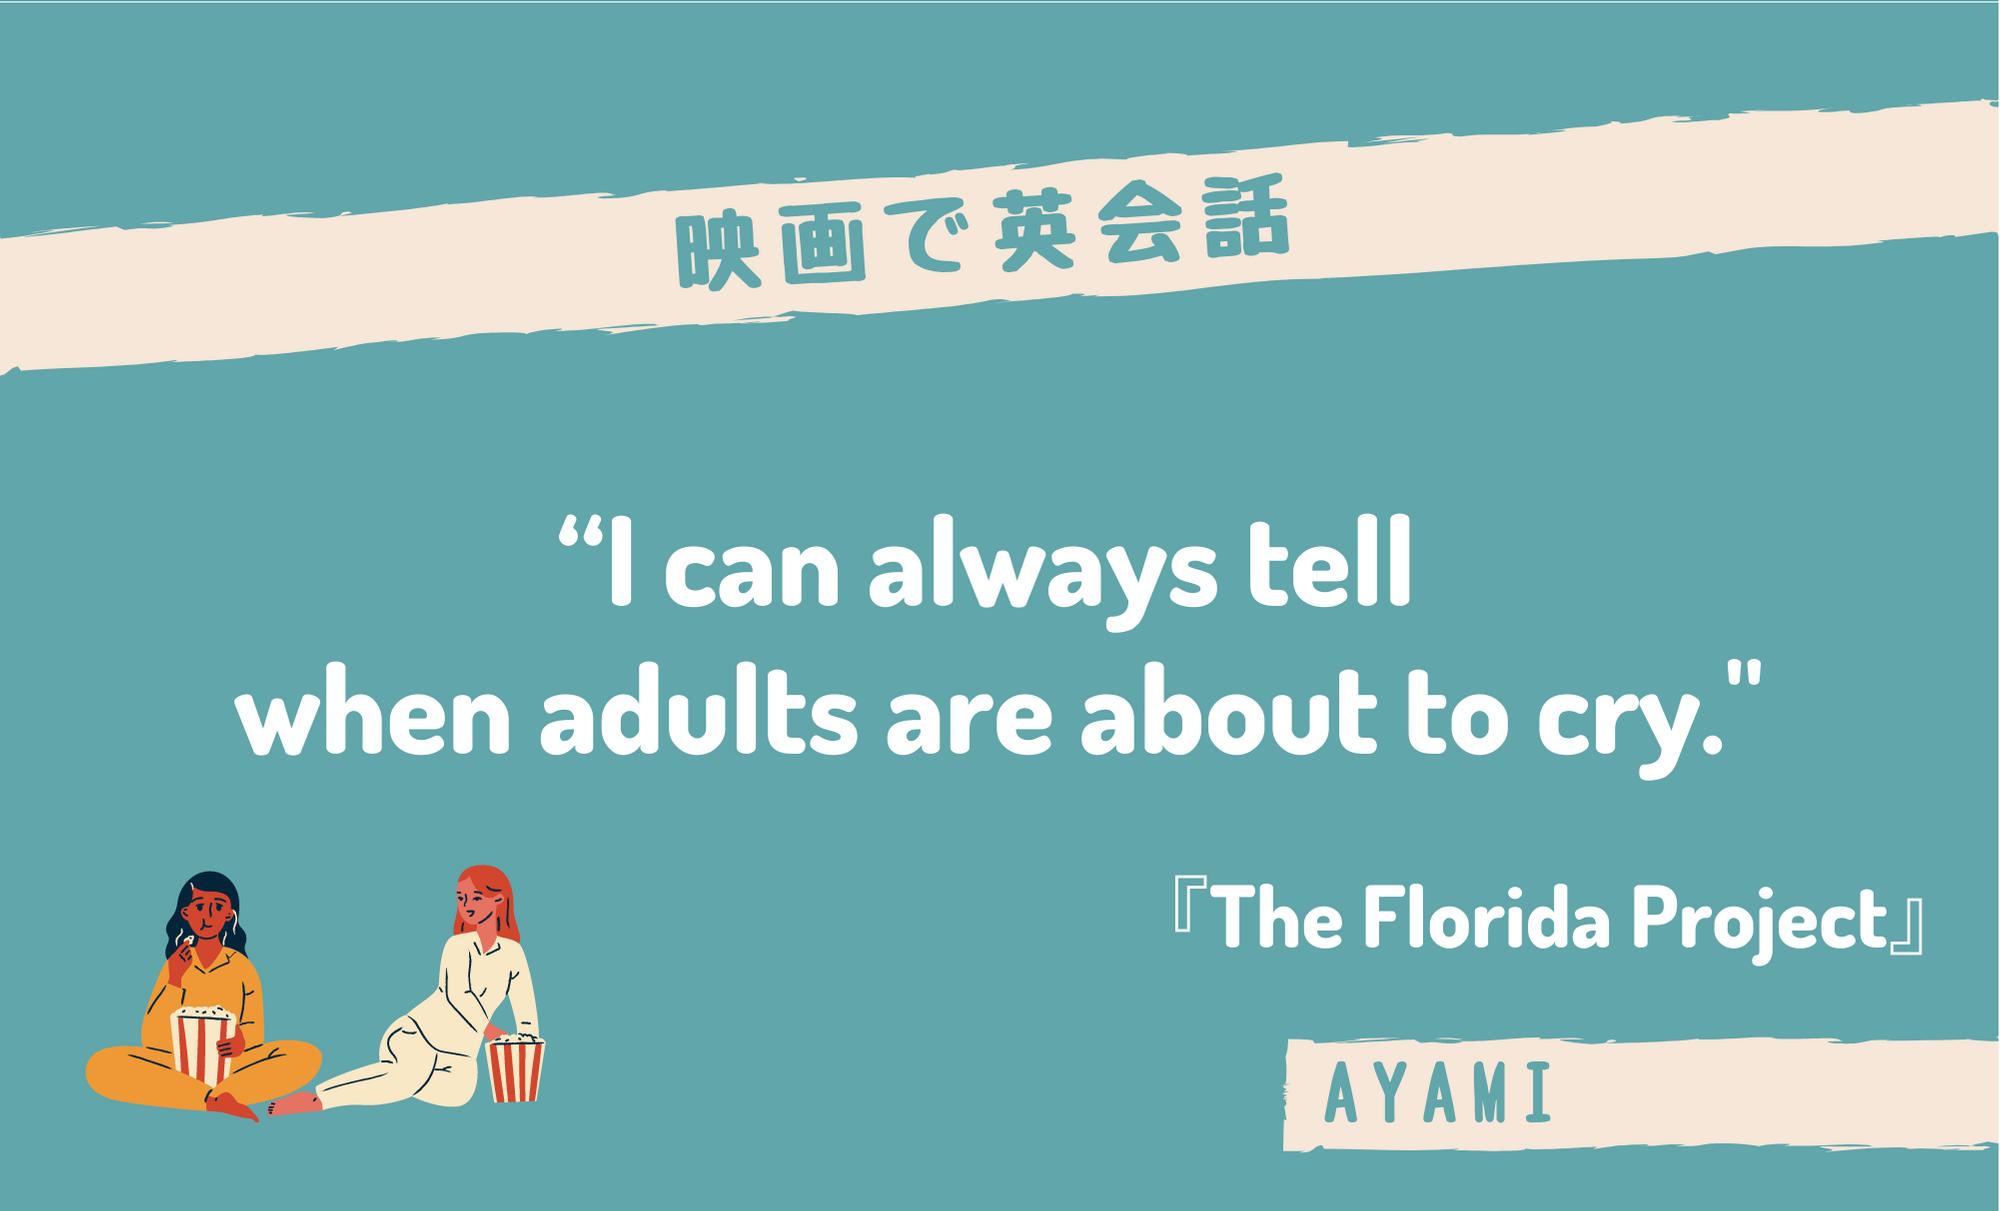 映画の名台詞で学ぶ英会話!『フロリダ・プロジェクト』